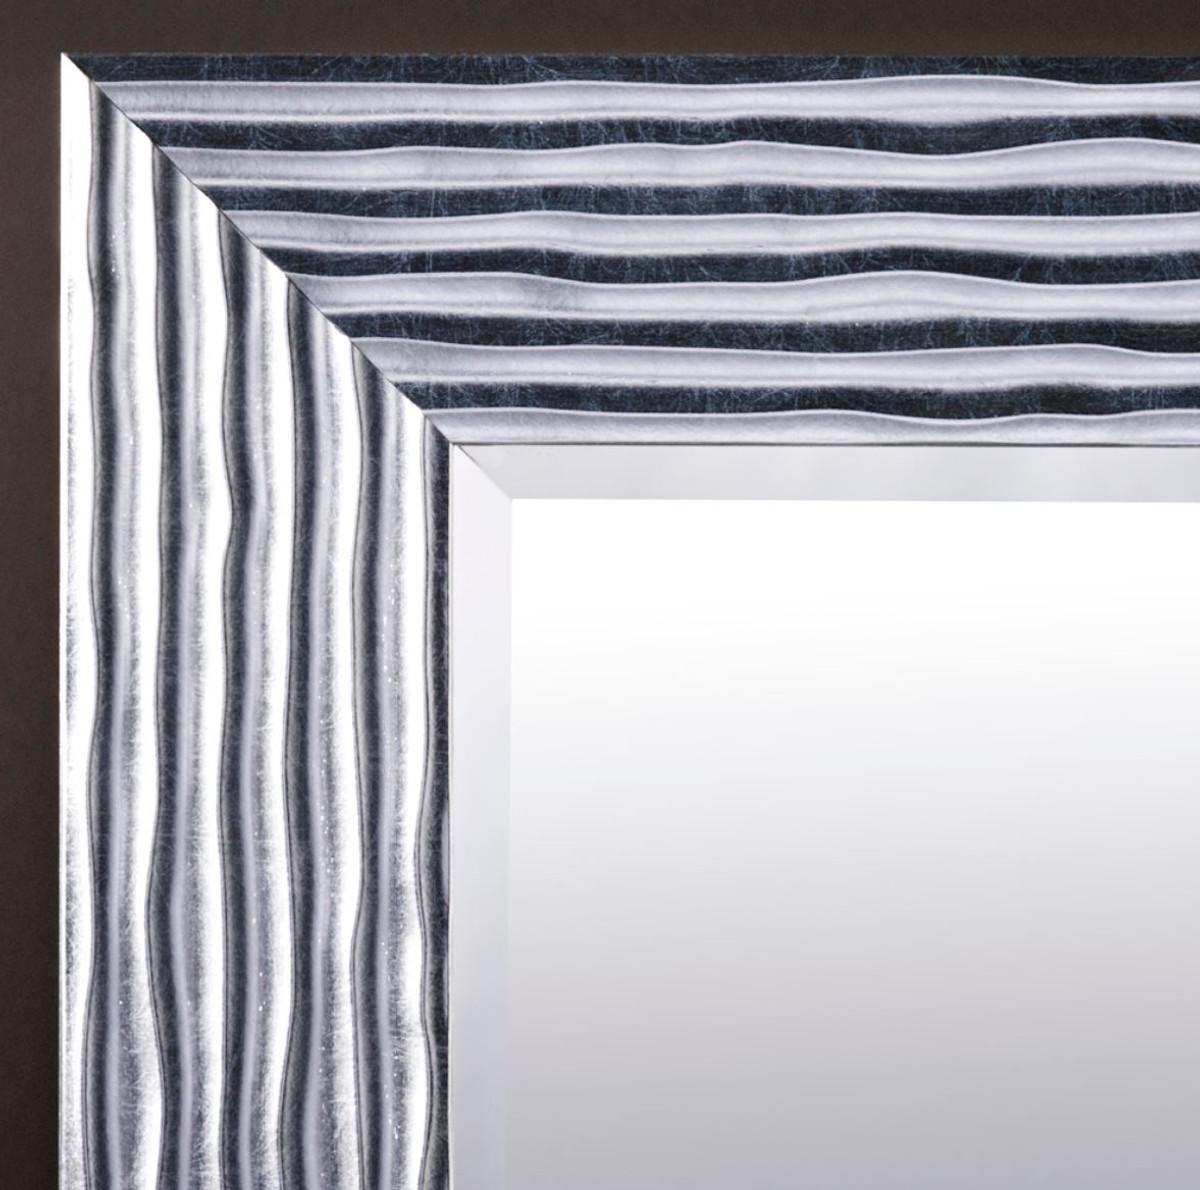 Casa Padrino Luxus Wohnzimmer Spiegel Silber 60 X H. 150 Cm   Designermöbel  U2013 Bild